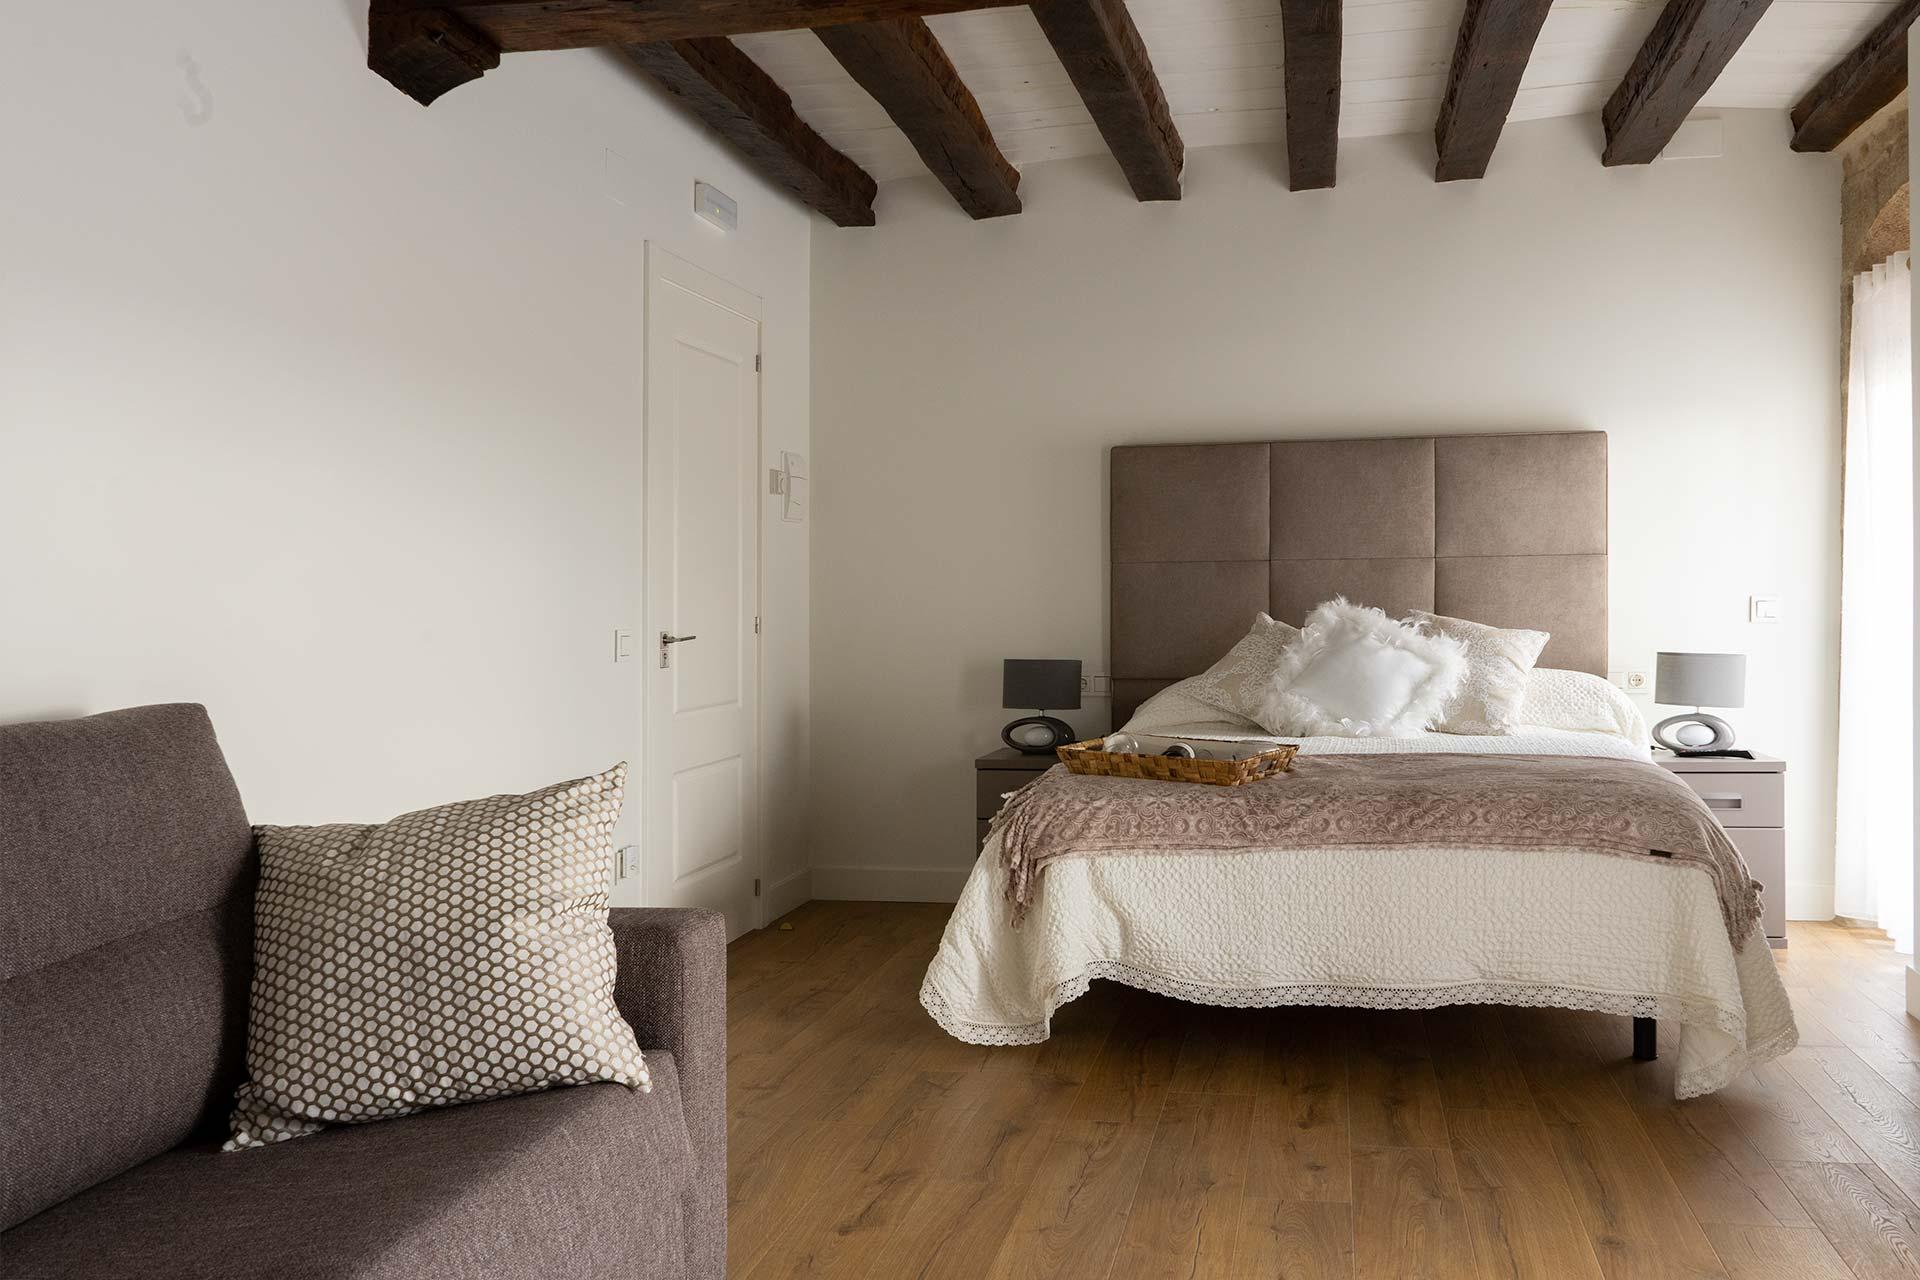 Habitación para 4 personas, con una cama doble y un sofá-cama